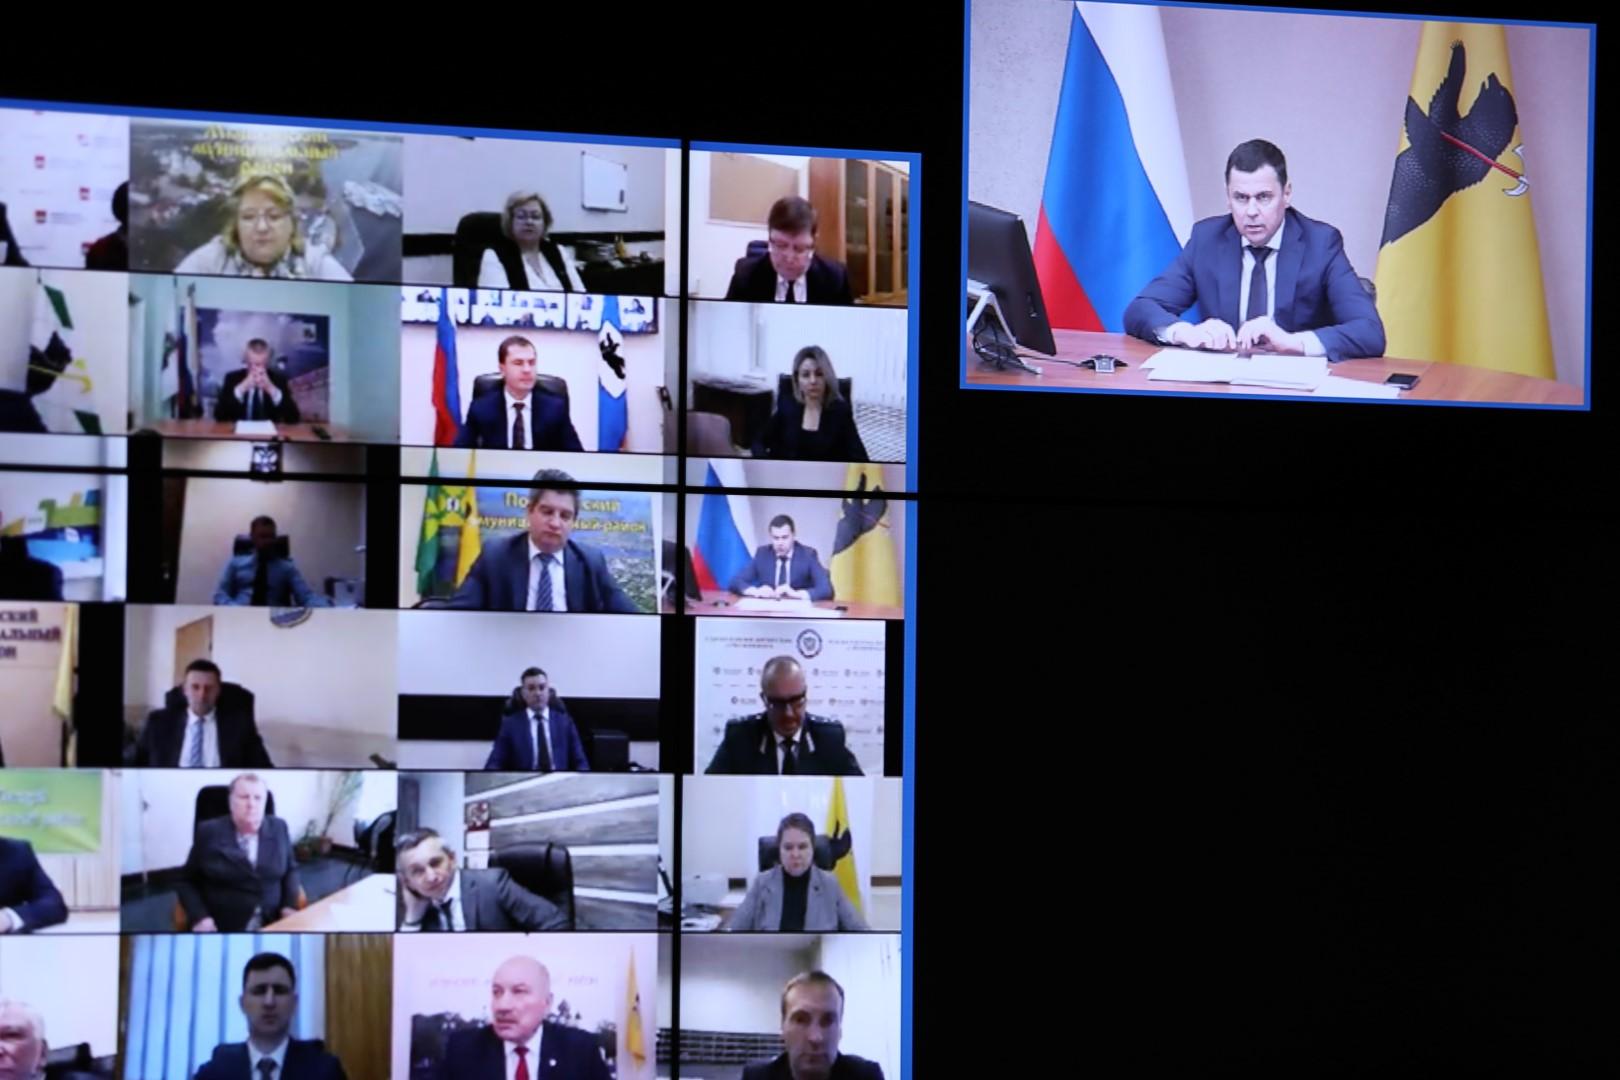 Ярославская область – в числе регионов-лидеров по информационной активности культурной жизни